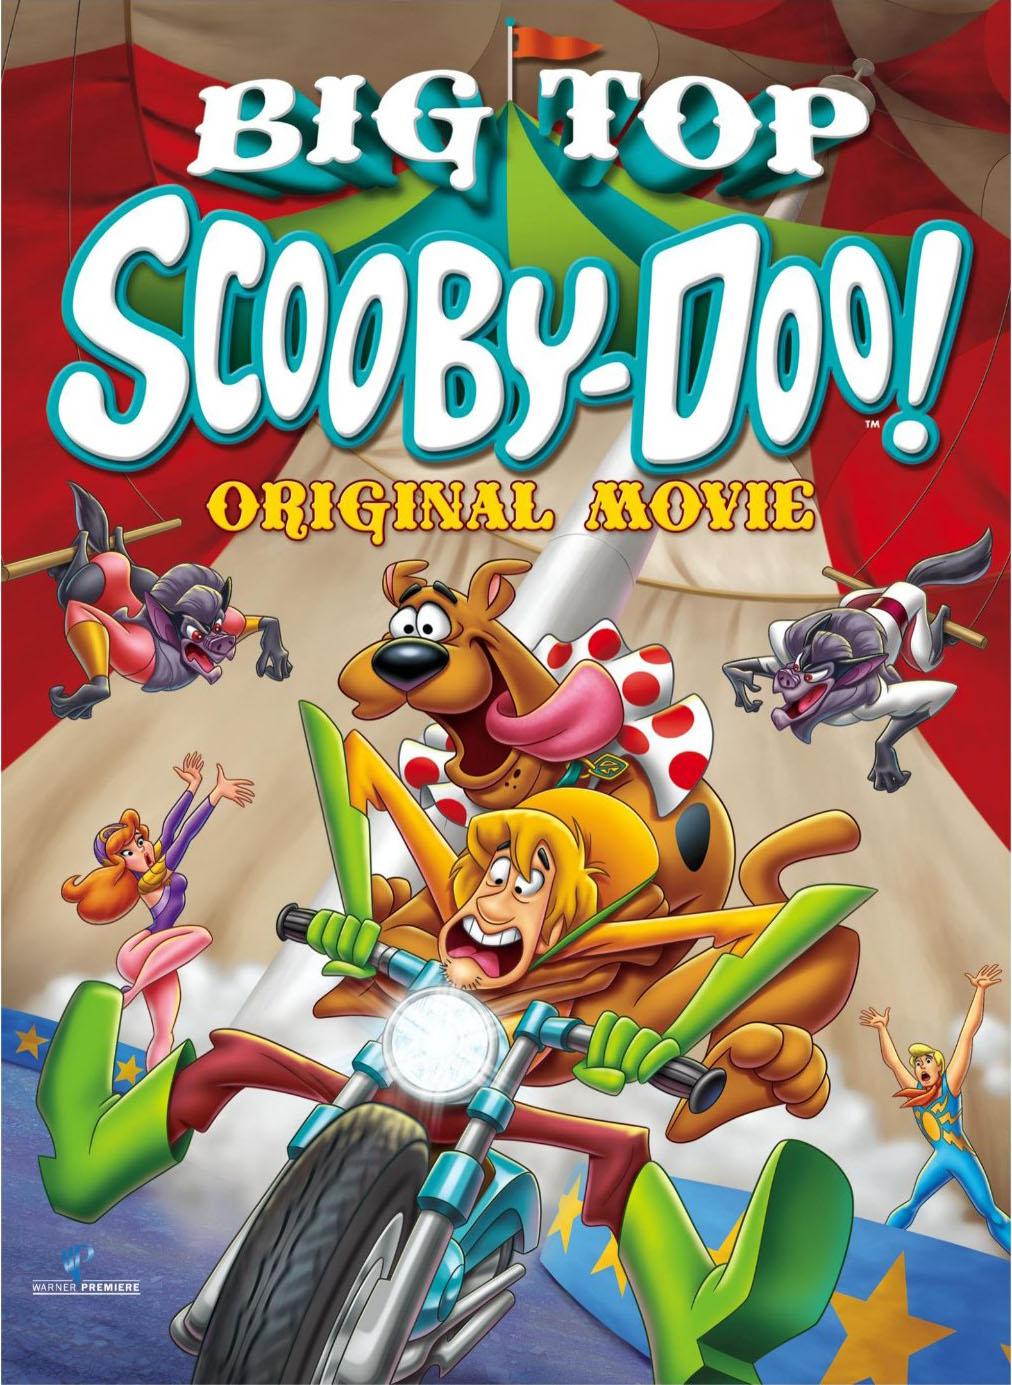 Big top scooby doo scoobypedia wikia - Scoobidou film ...